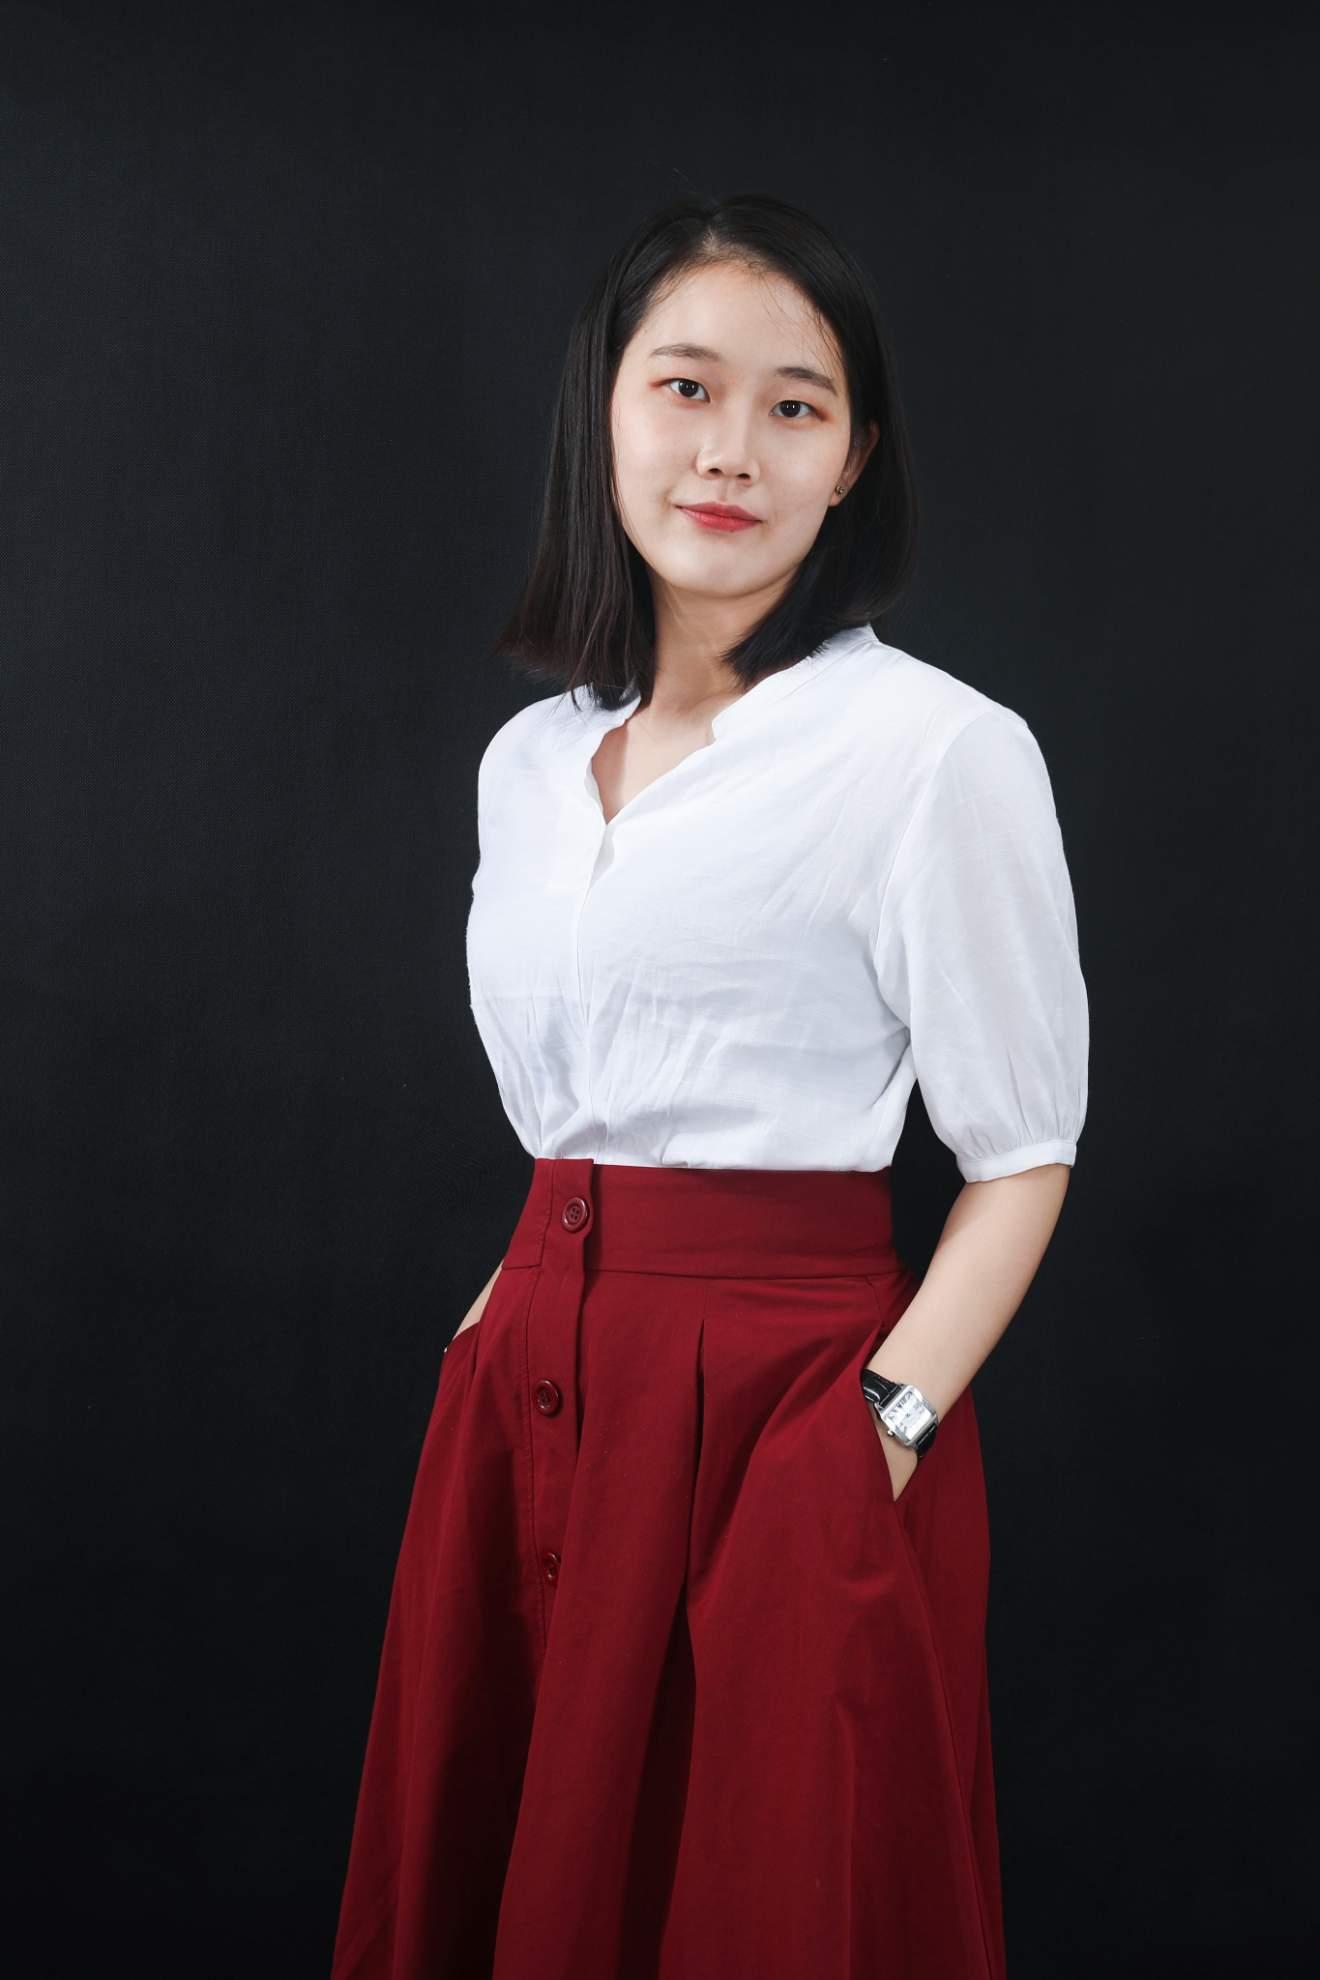 珠海裝修設計師謝雪芳